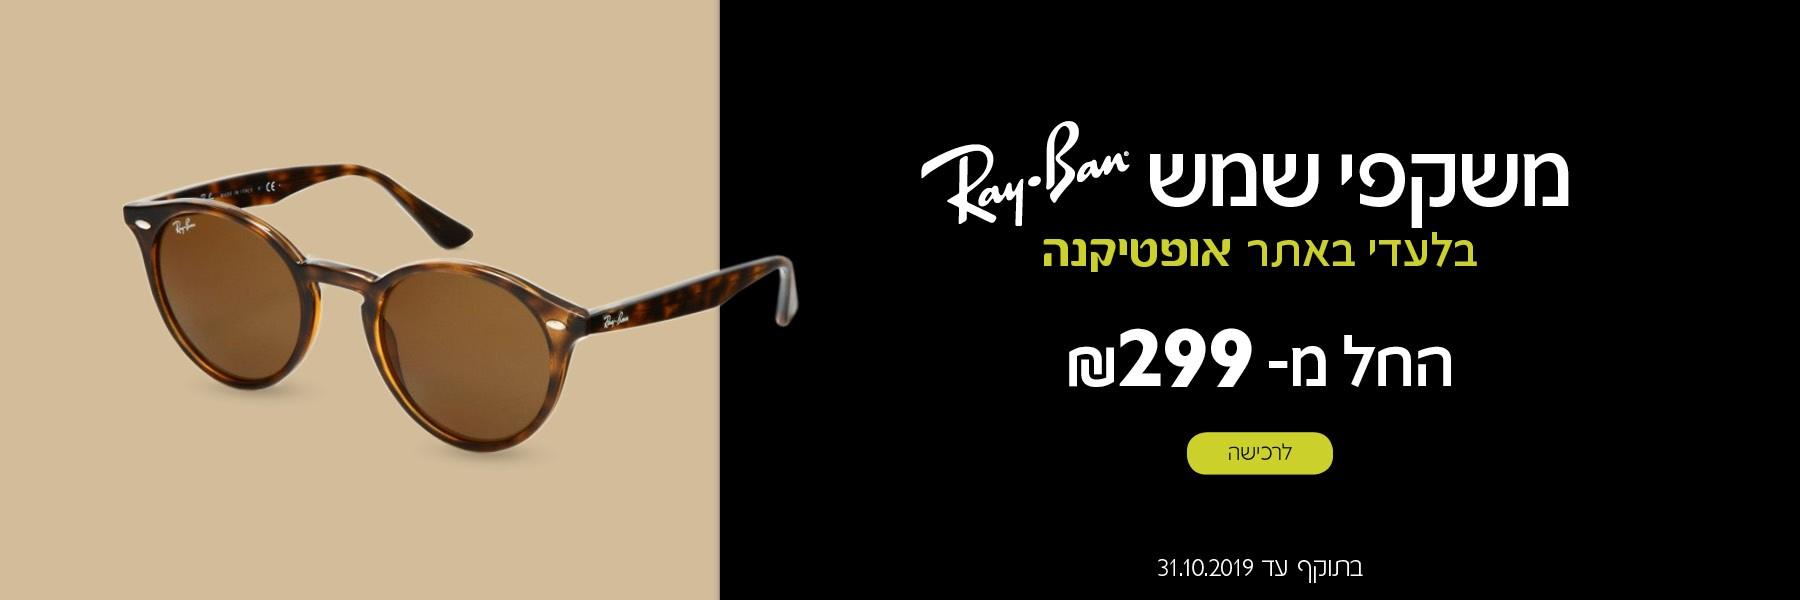 משקפי שמש רייבאן החל מ- 299 ש